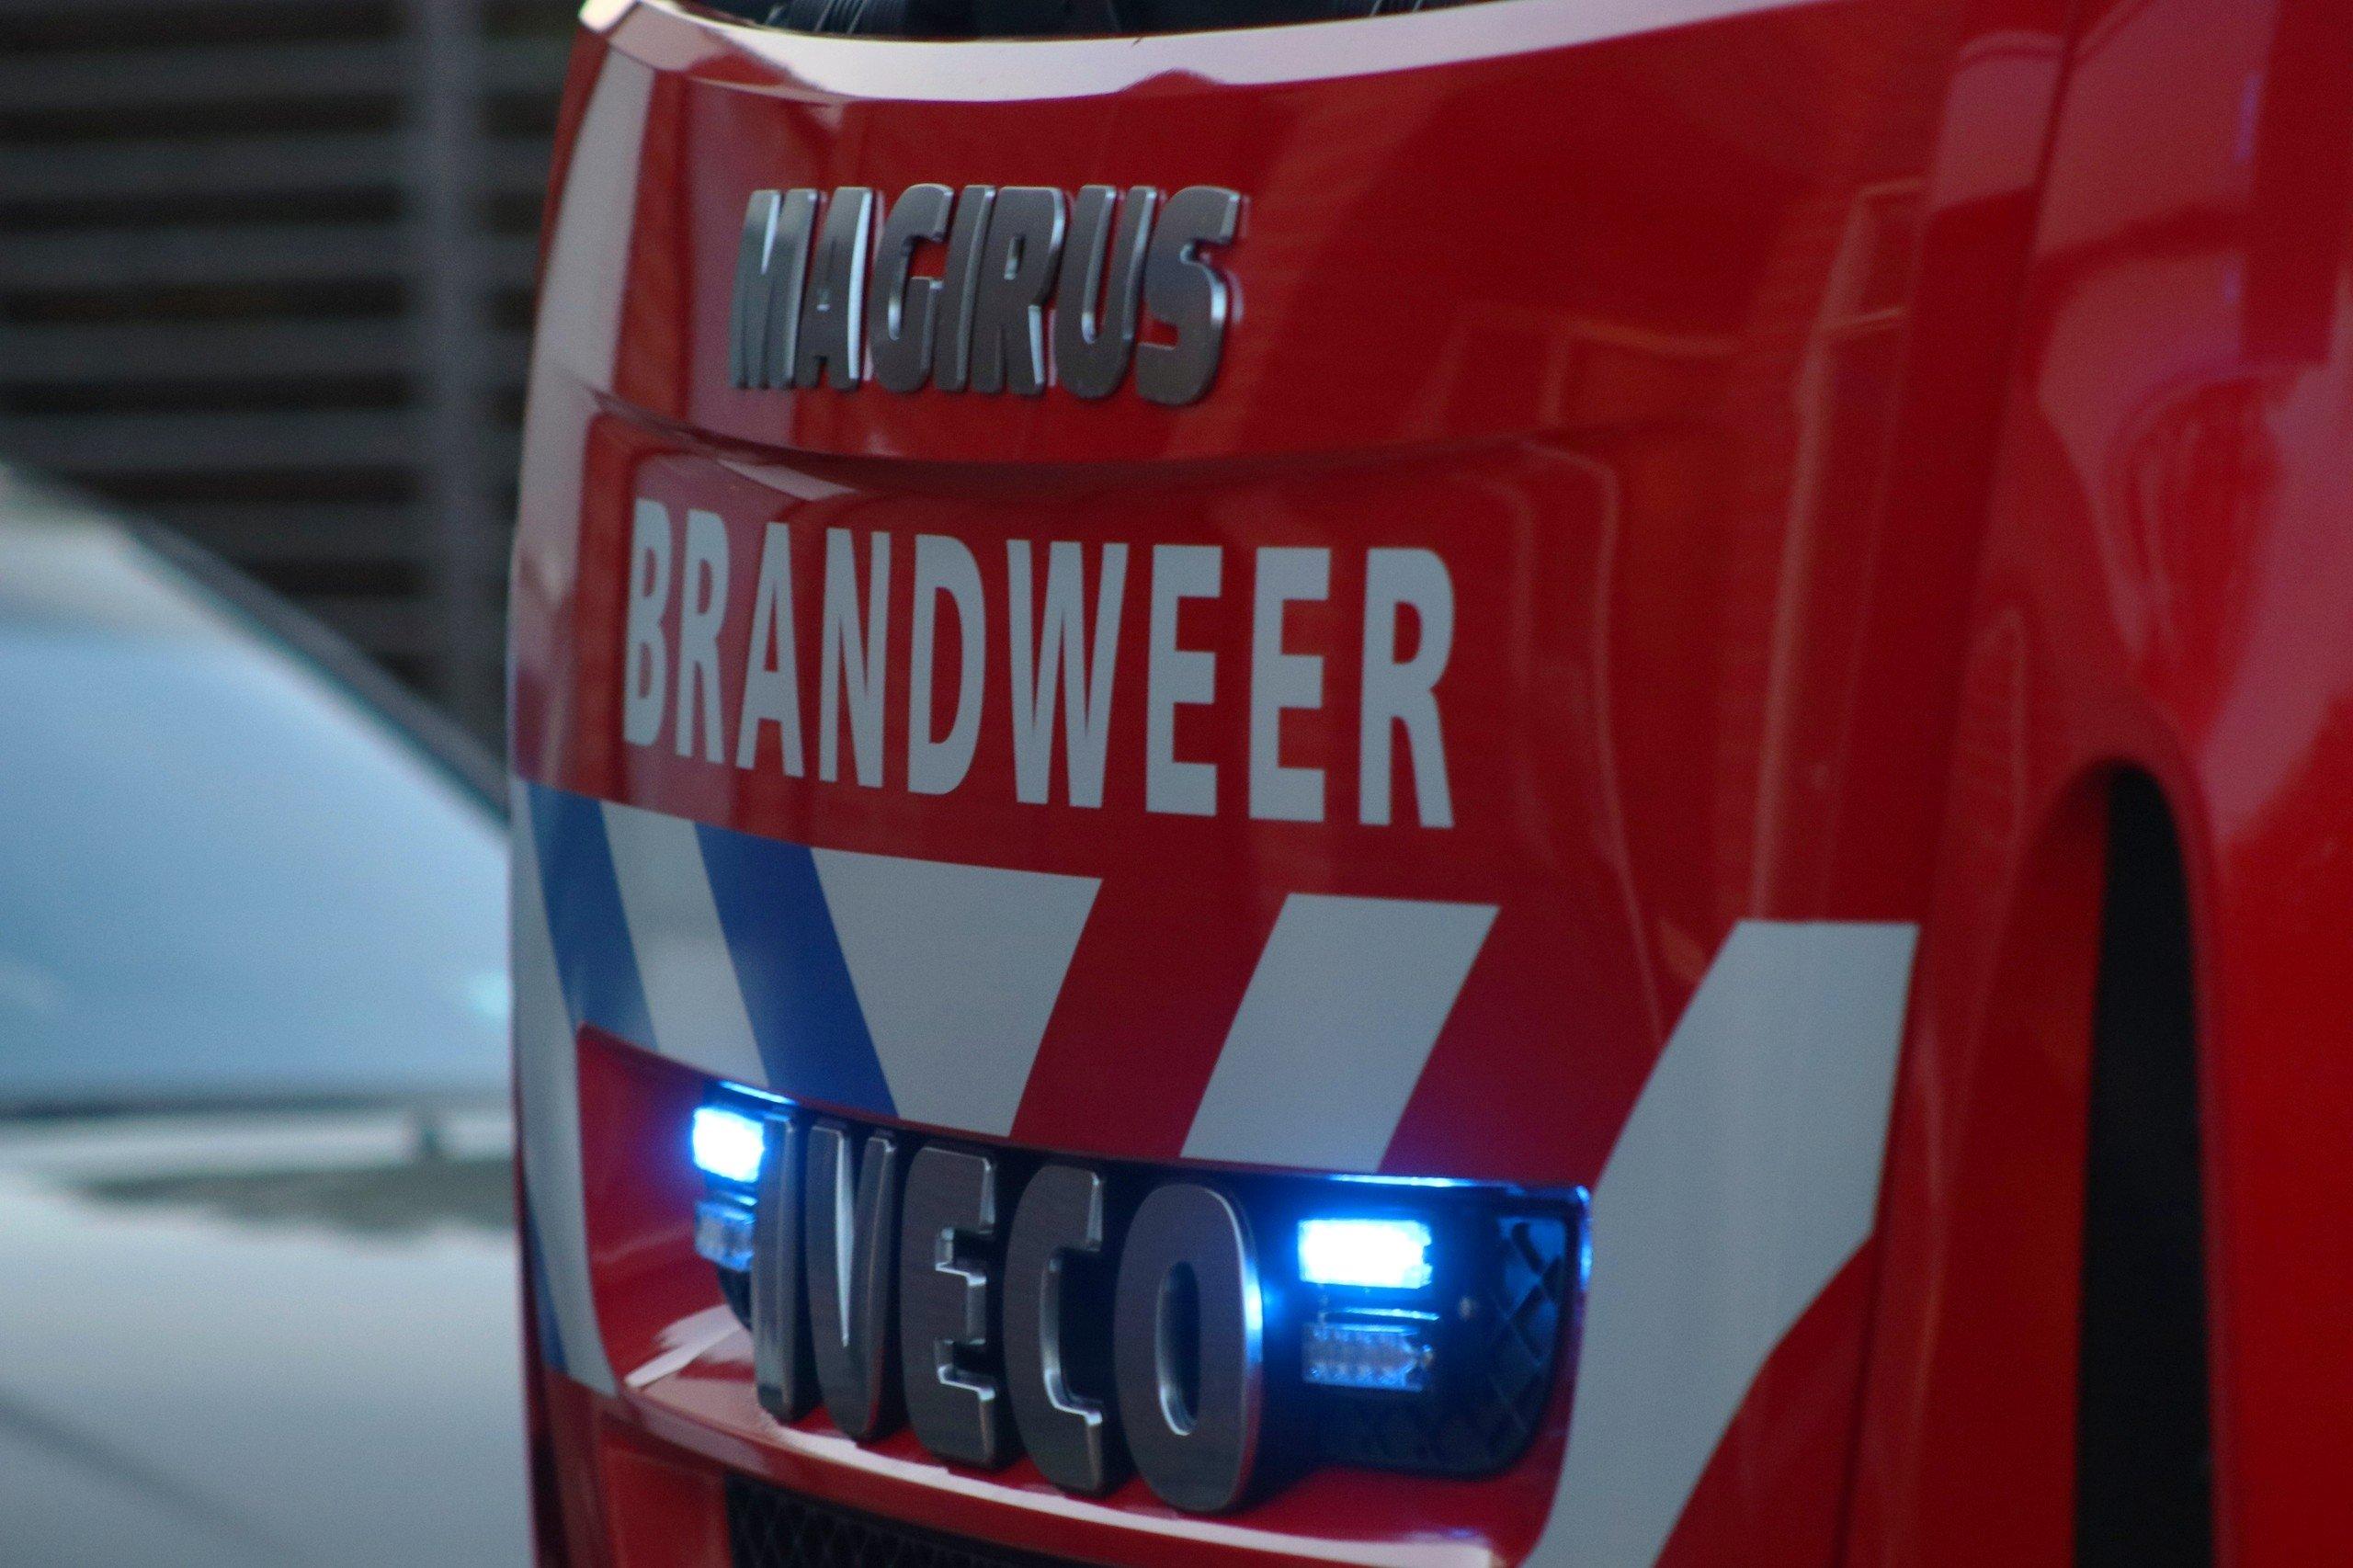 Jeep brand volledig uit op de Soerenseweg in Apeldoorn